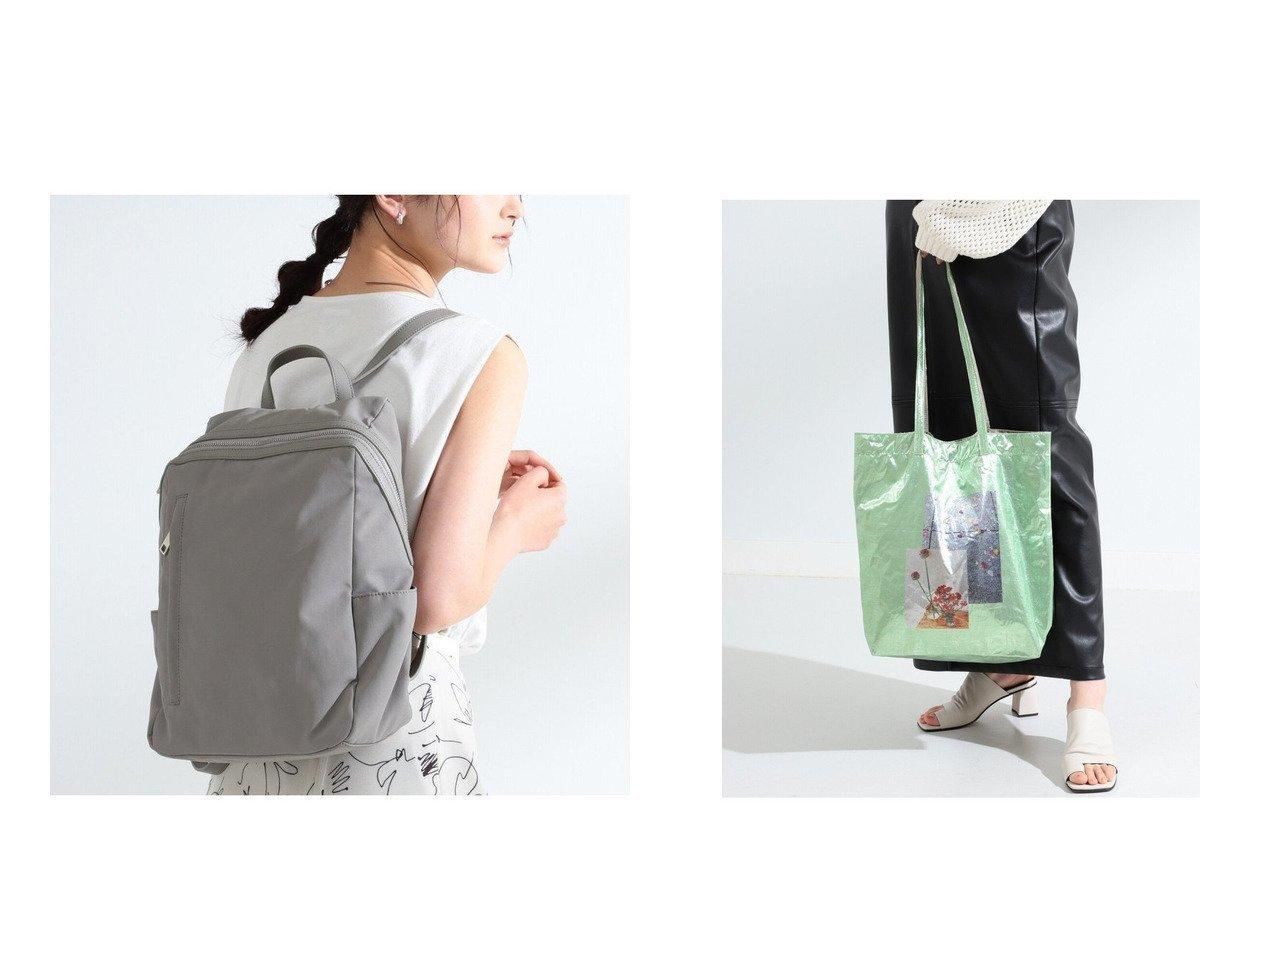 【Ray BEAMS/レイ ビームス】のナイロン フェイクレザー リュック&Casselini × 別注 フォトプリント メタリック バッグ バッグ・鞄のおすすめ!人気トレンド・レディースファッションの通販 おすすめで人気の流行・トレンド、ファッションの通販商品 メンズファッション・キッズファッション・インテリア・家具・レディースファッション・服の通販 founy(ファニー) https://founy.com/ ファッション Fashion レディースファッション WOMEN バッグ Bag アクセサリー トレンド プリント ワンポイント 別注 スクエア フェイクレザー ポケット リュック |ID:crp329100000008562